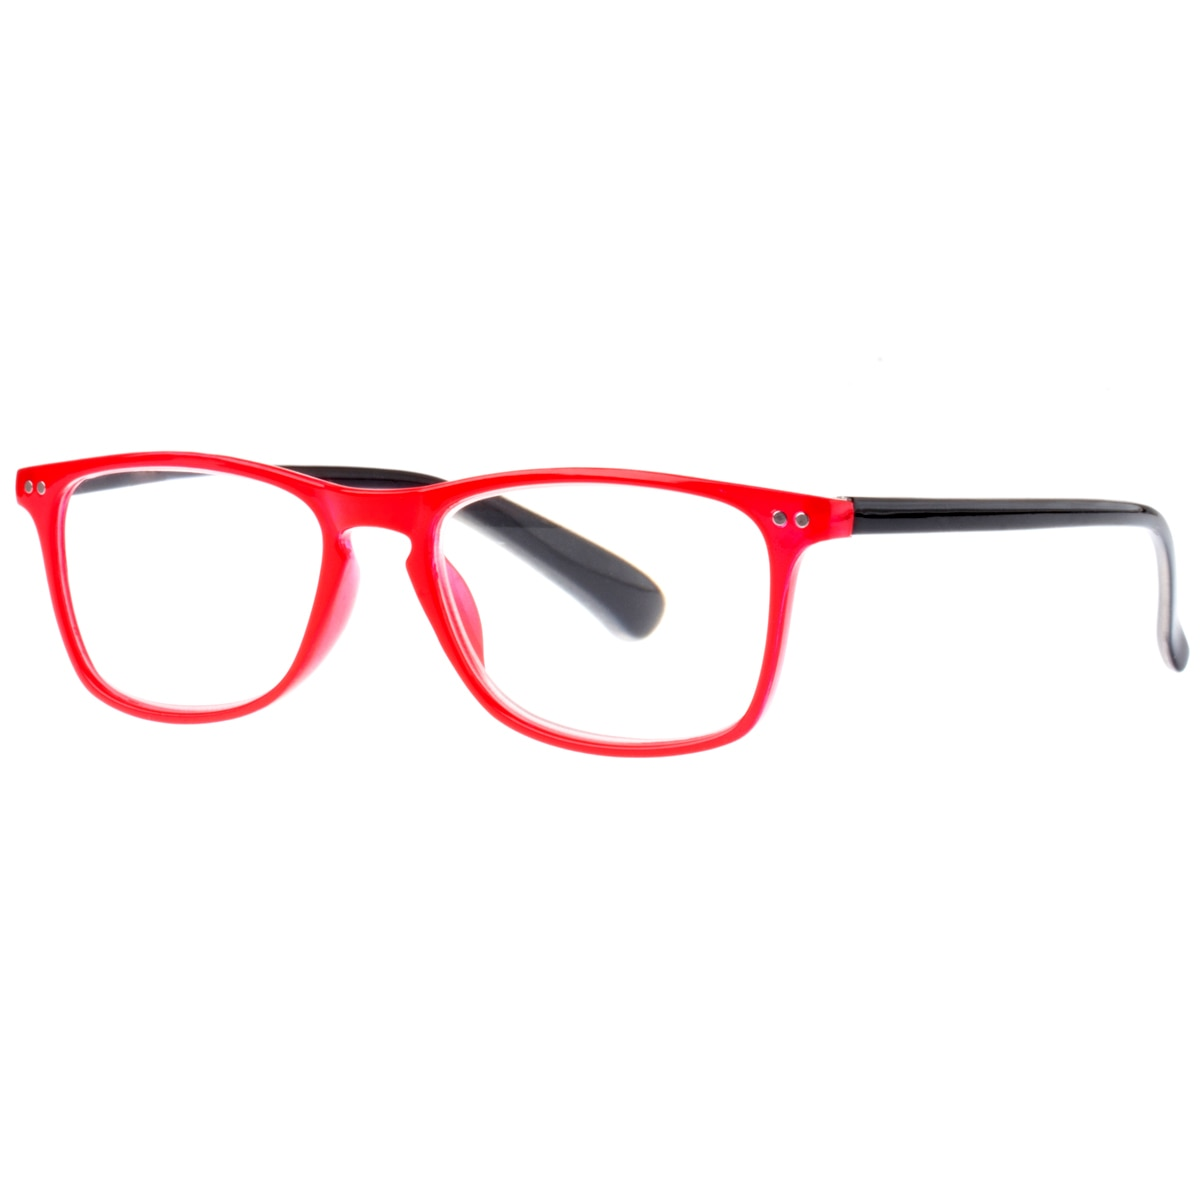 gyógyítsa meg a látást módszerrel)